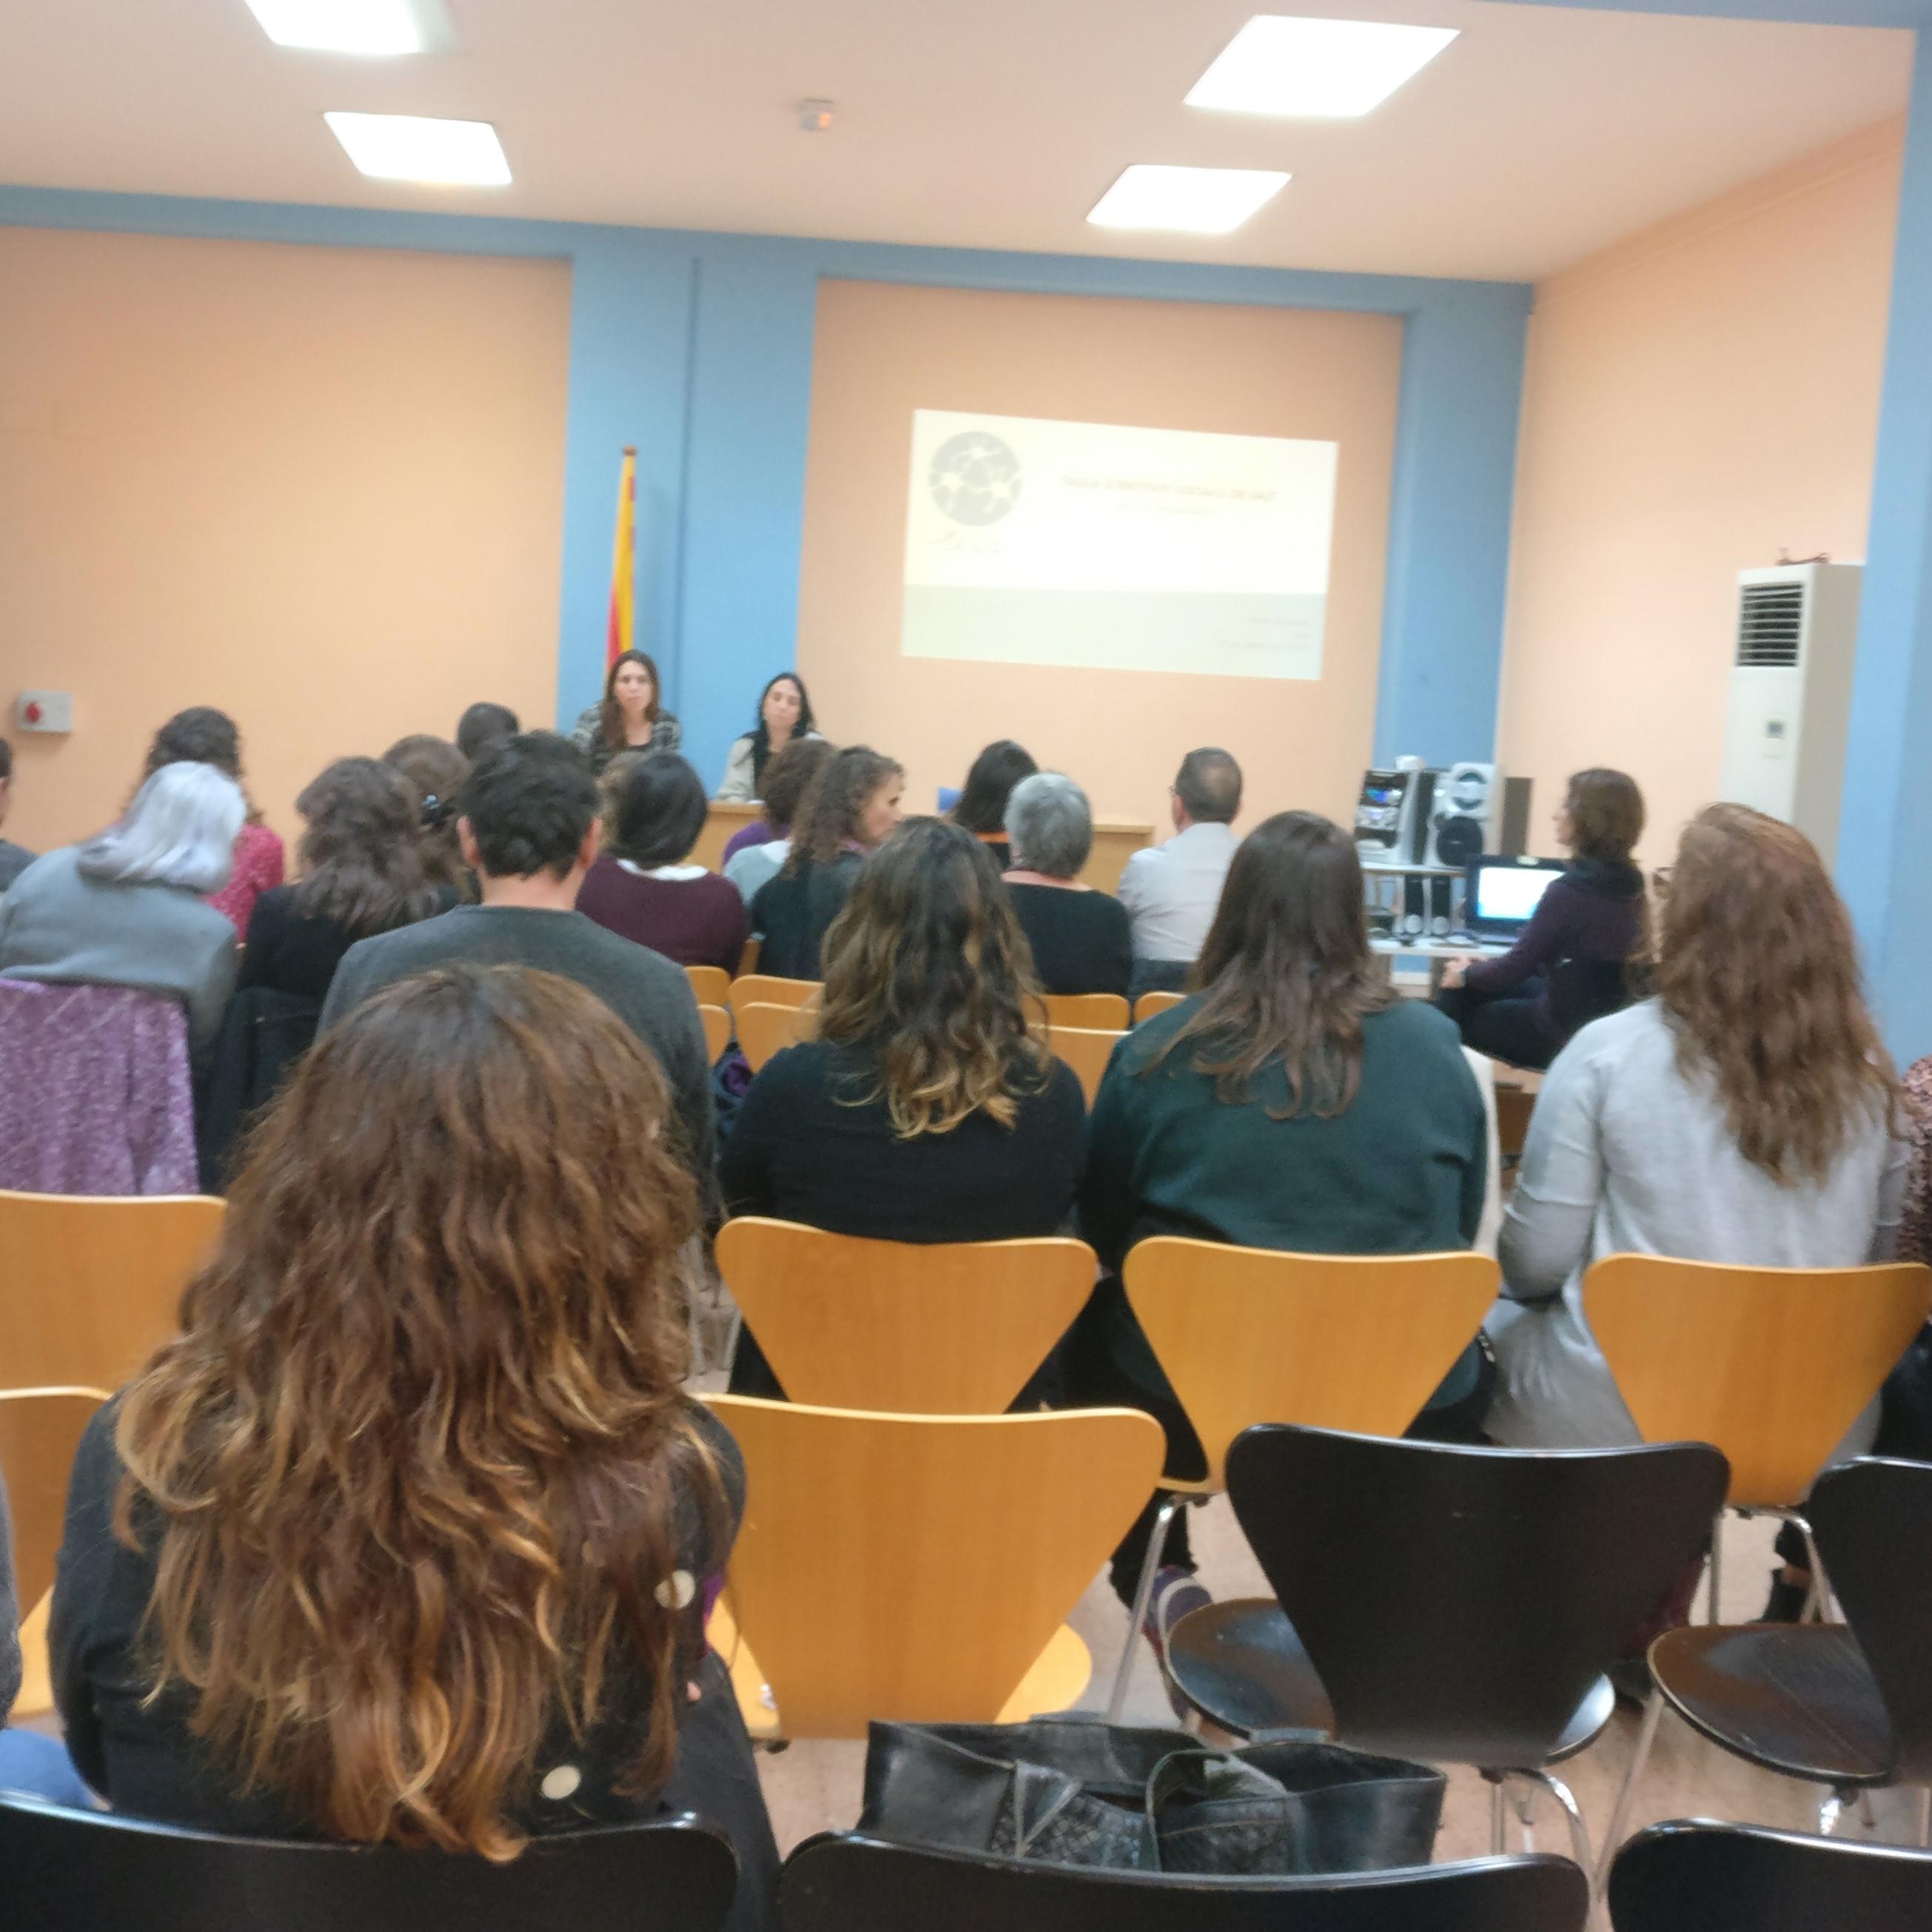 Intervenció social i treball en xarxa per posar al centre de l'acció, les persones